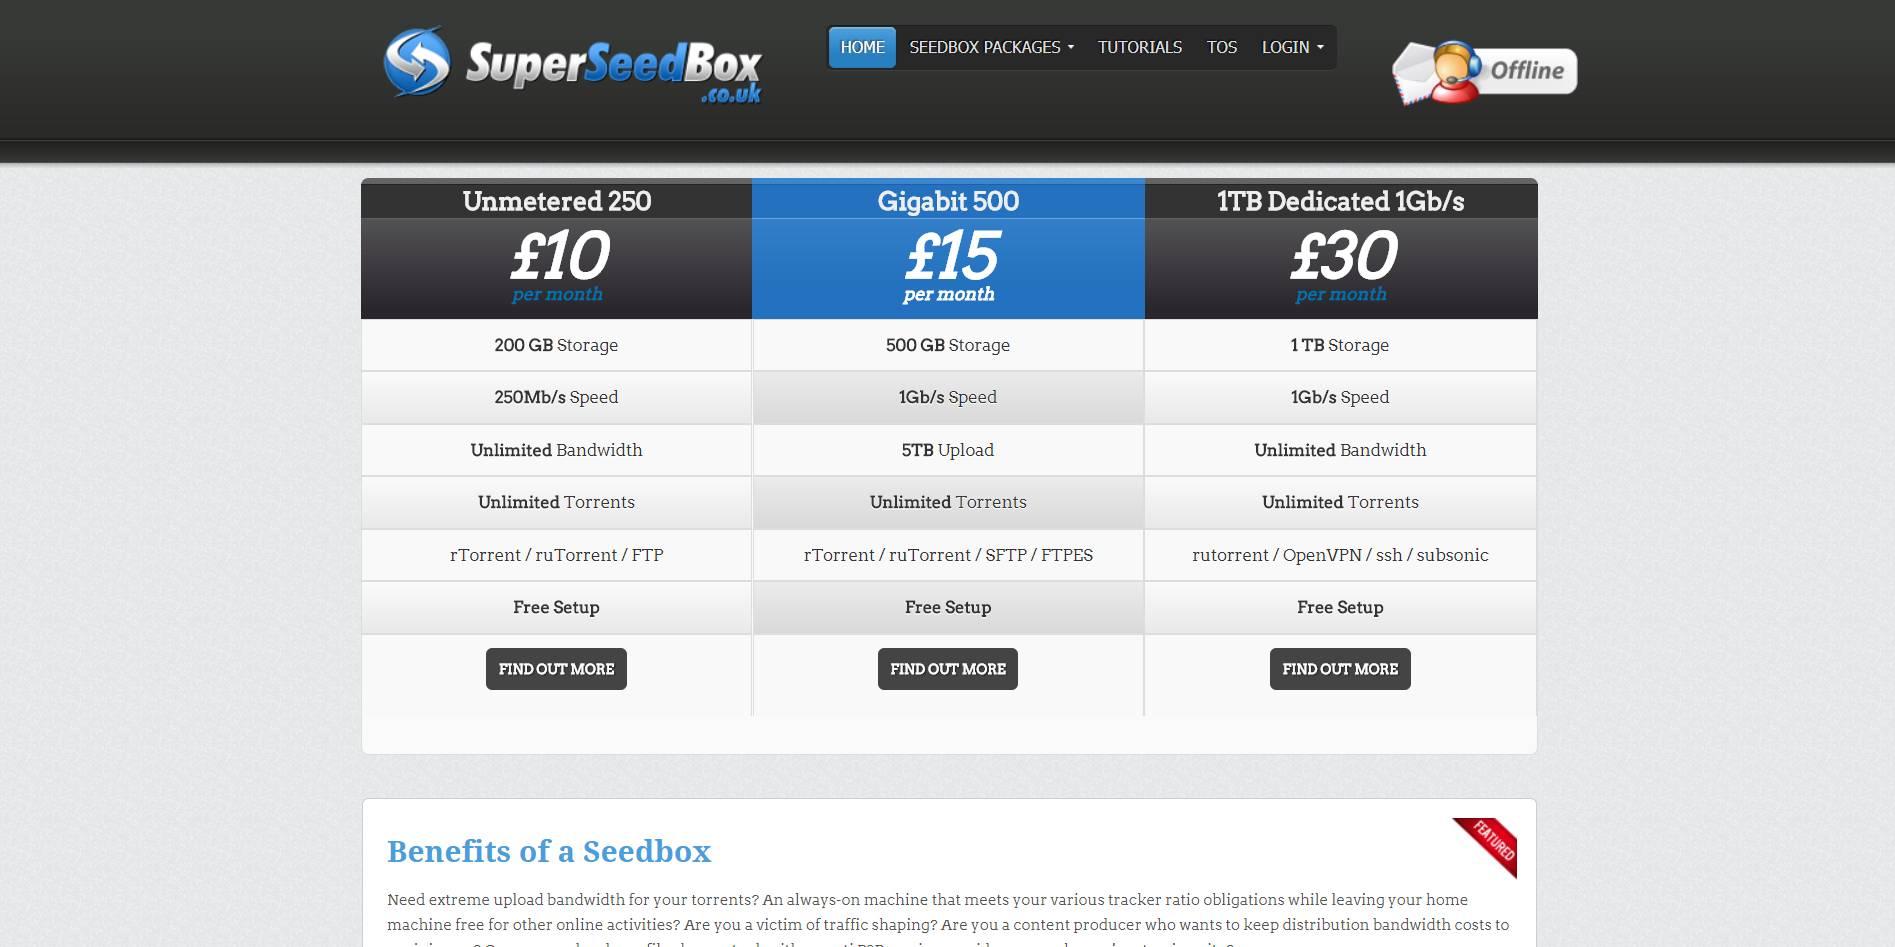 SuperSeedBox